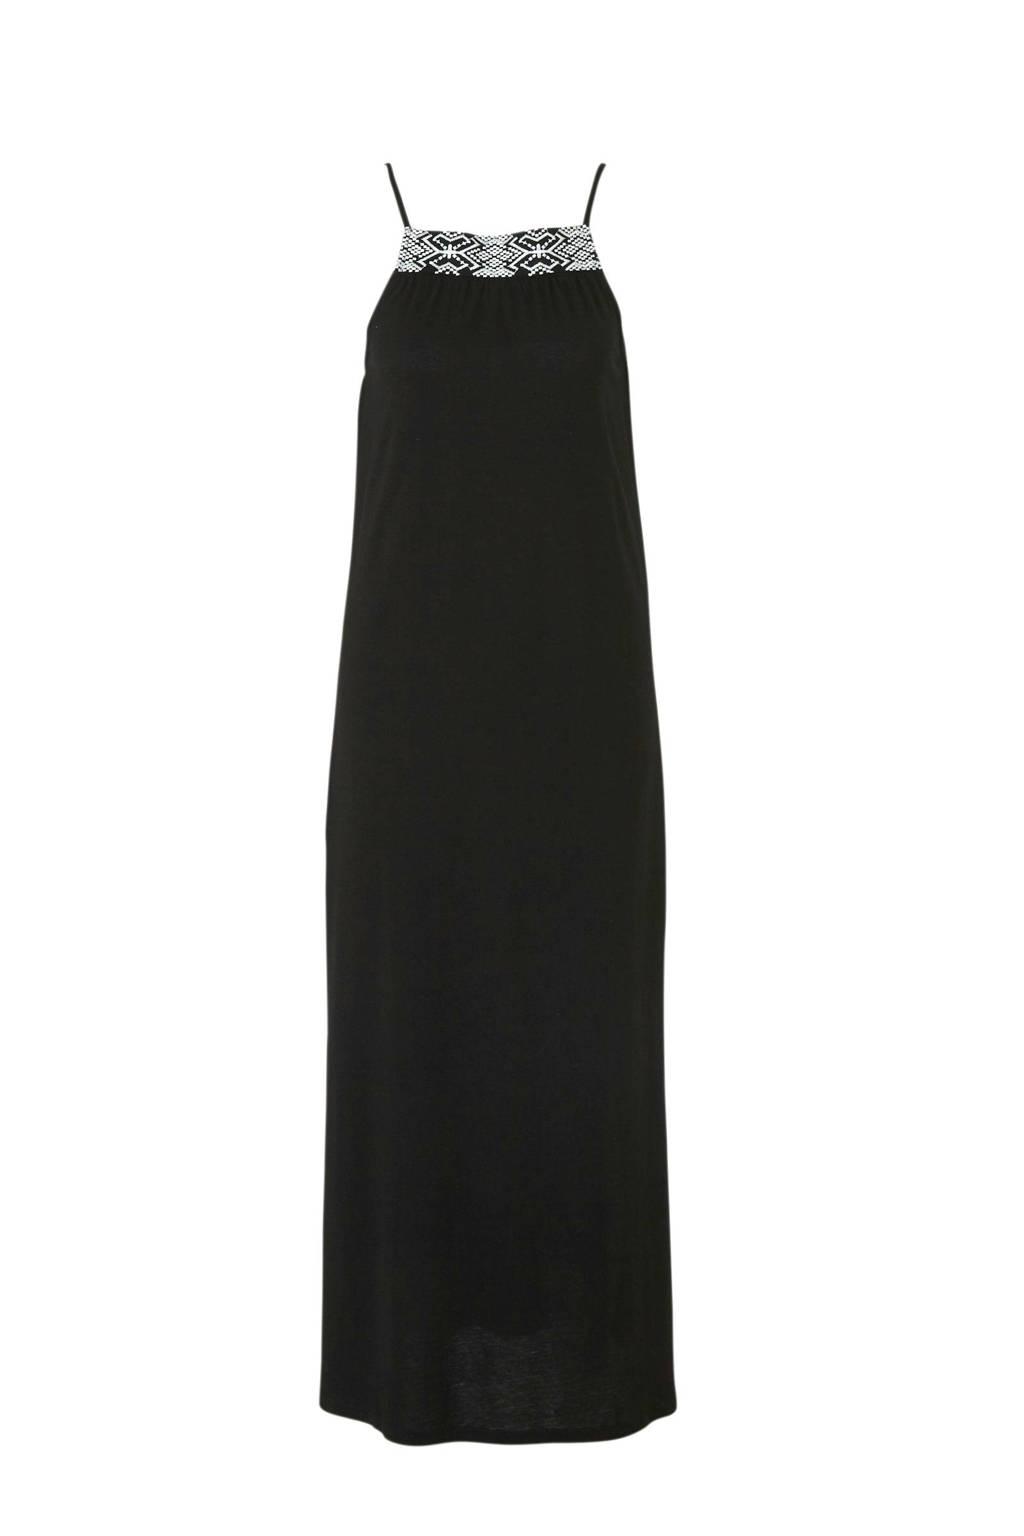 Mango jersey maxi jurk zwart, Zwart